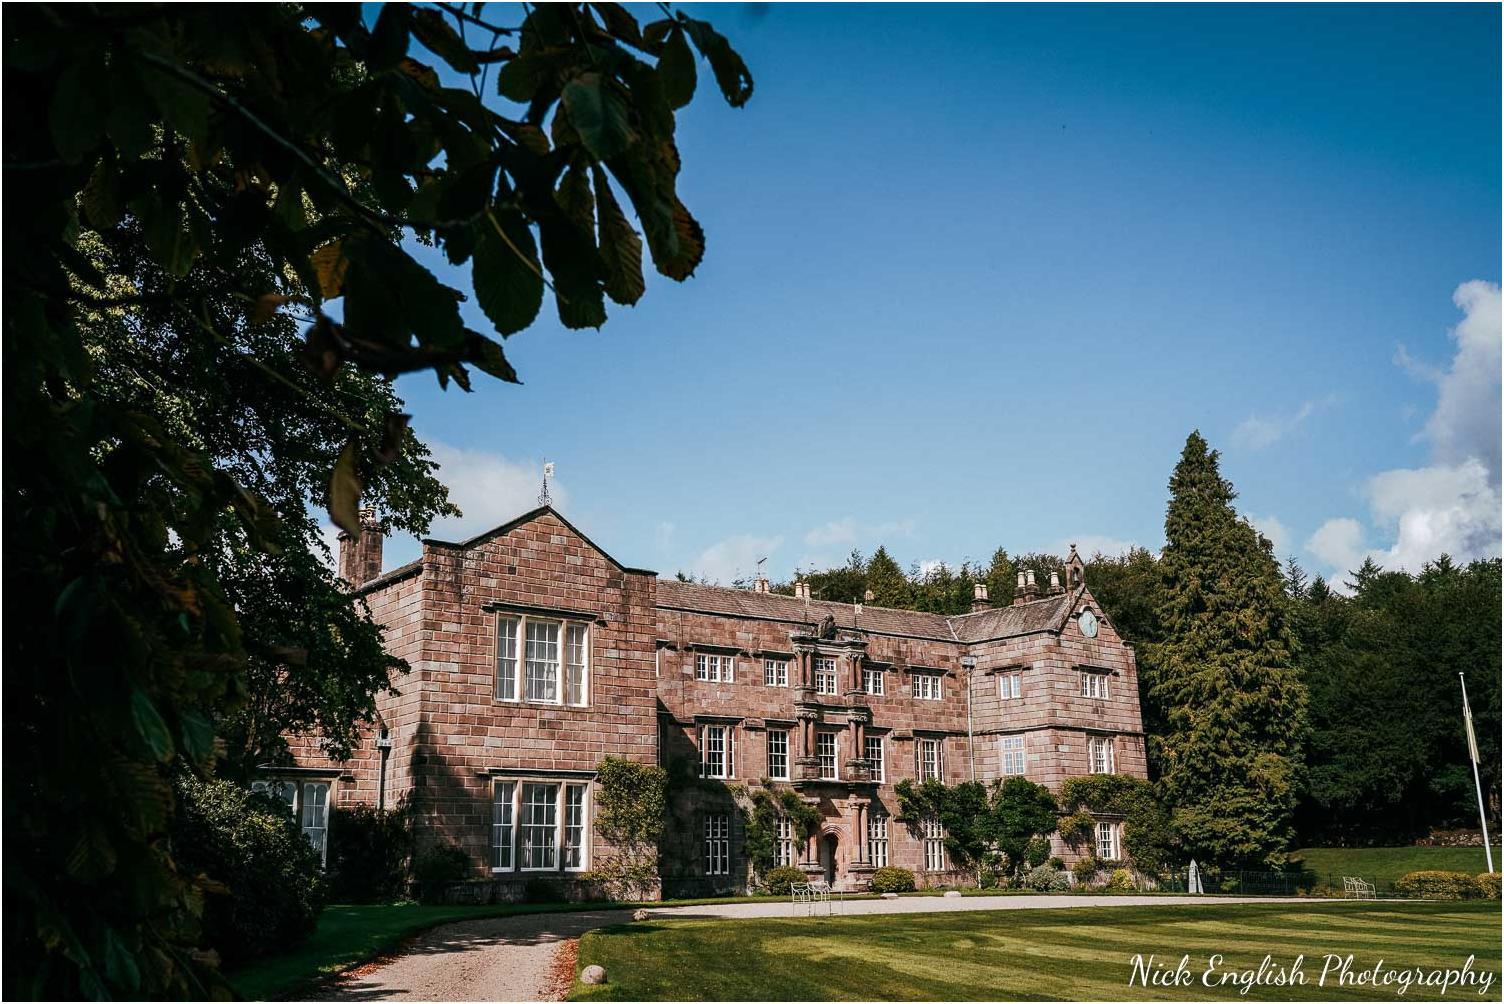 Browsholme_Hall_Barn_Wedding_Nick_English_Photography-73.jpg